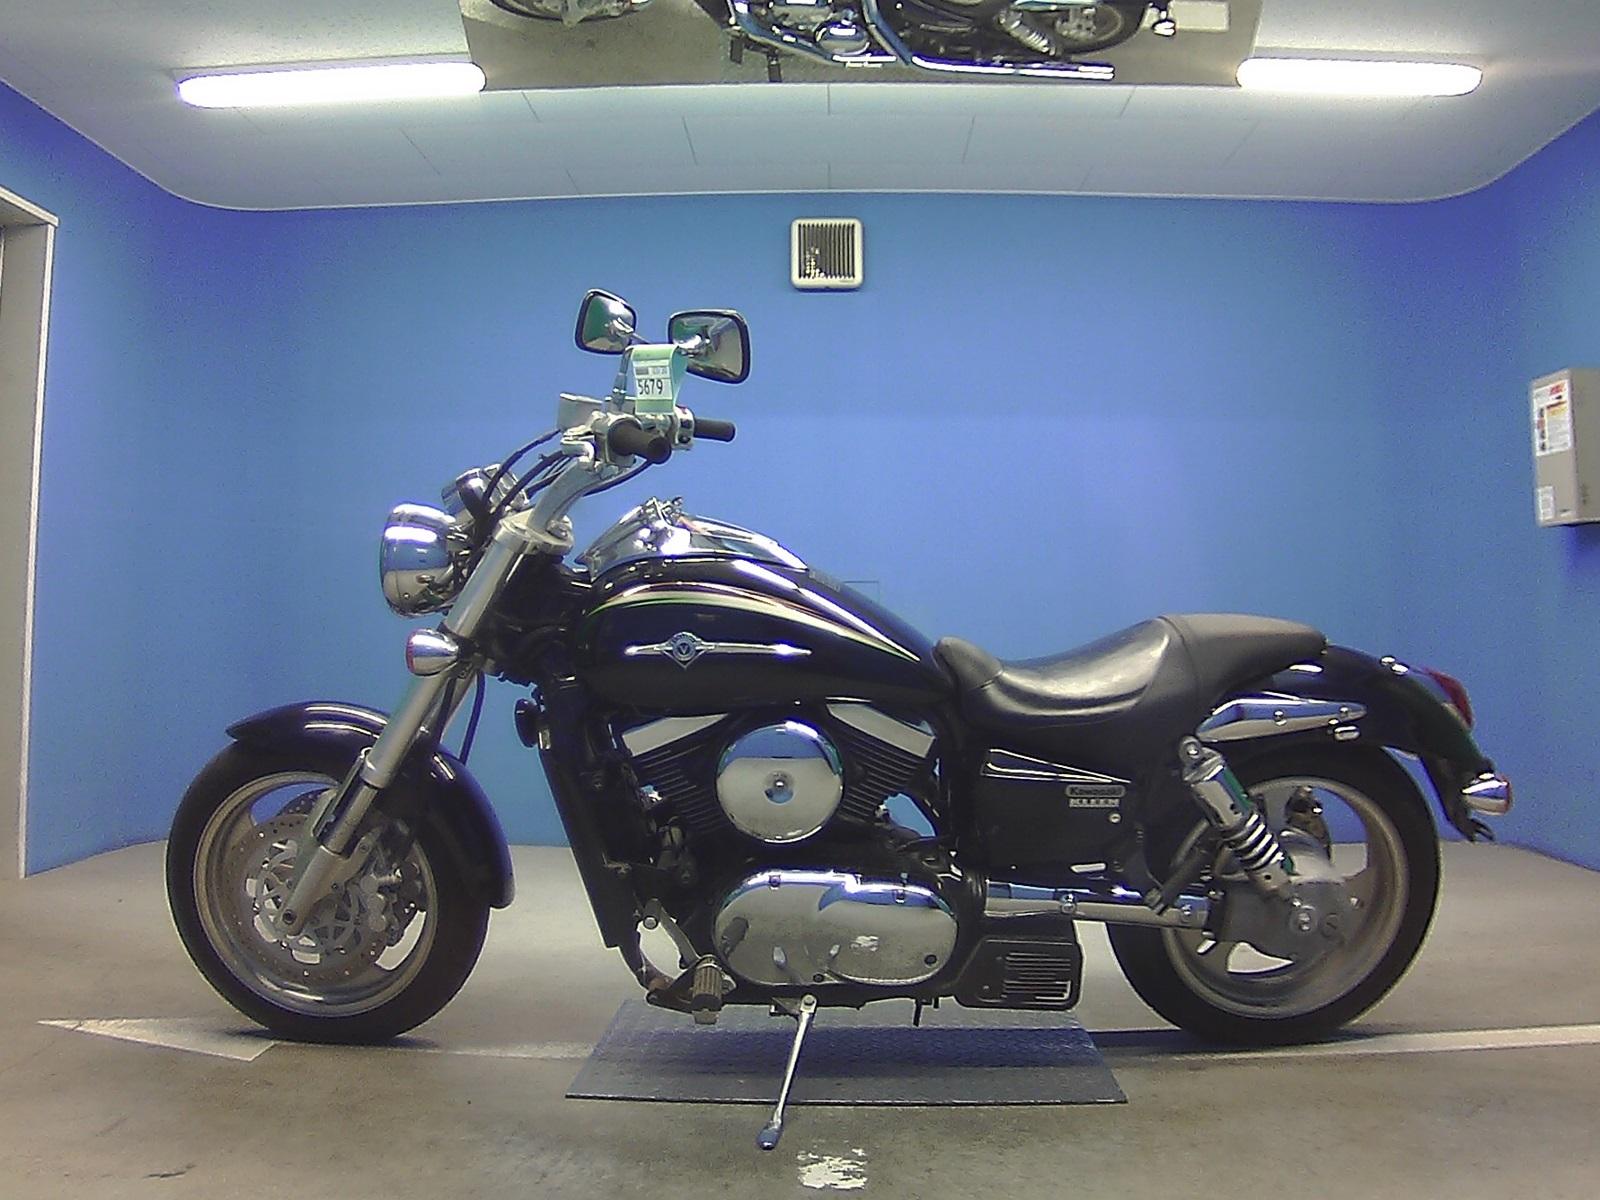 мотоцикл Kawasaki Vulcan 1500 Mean Streak